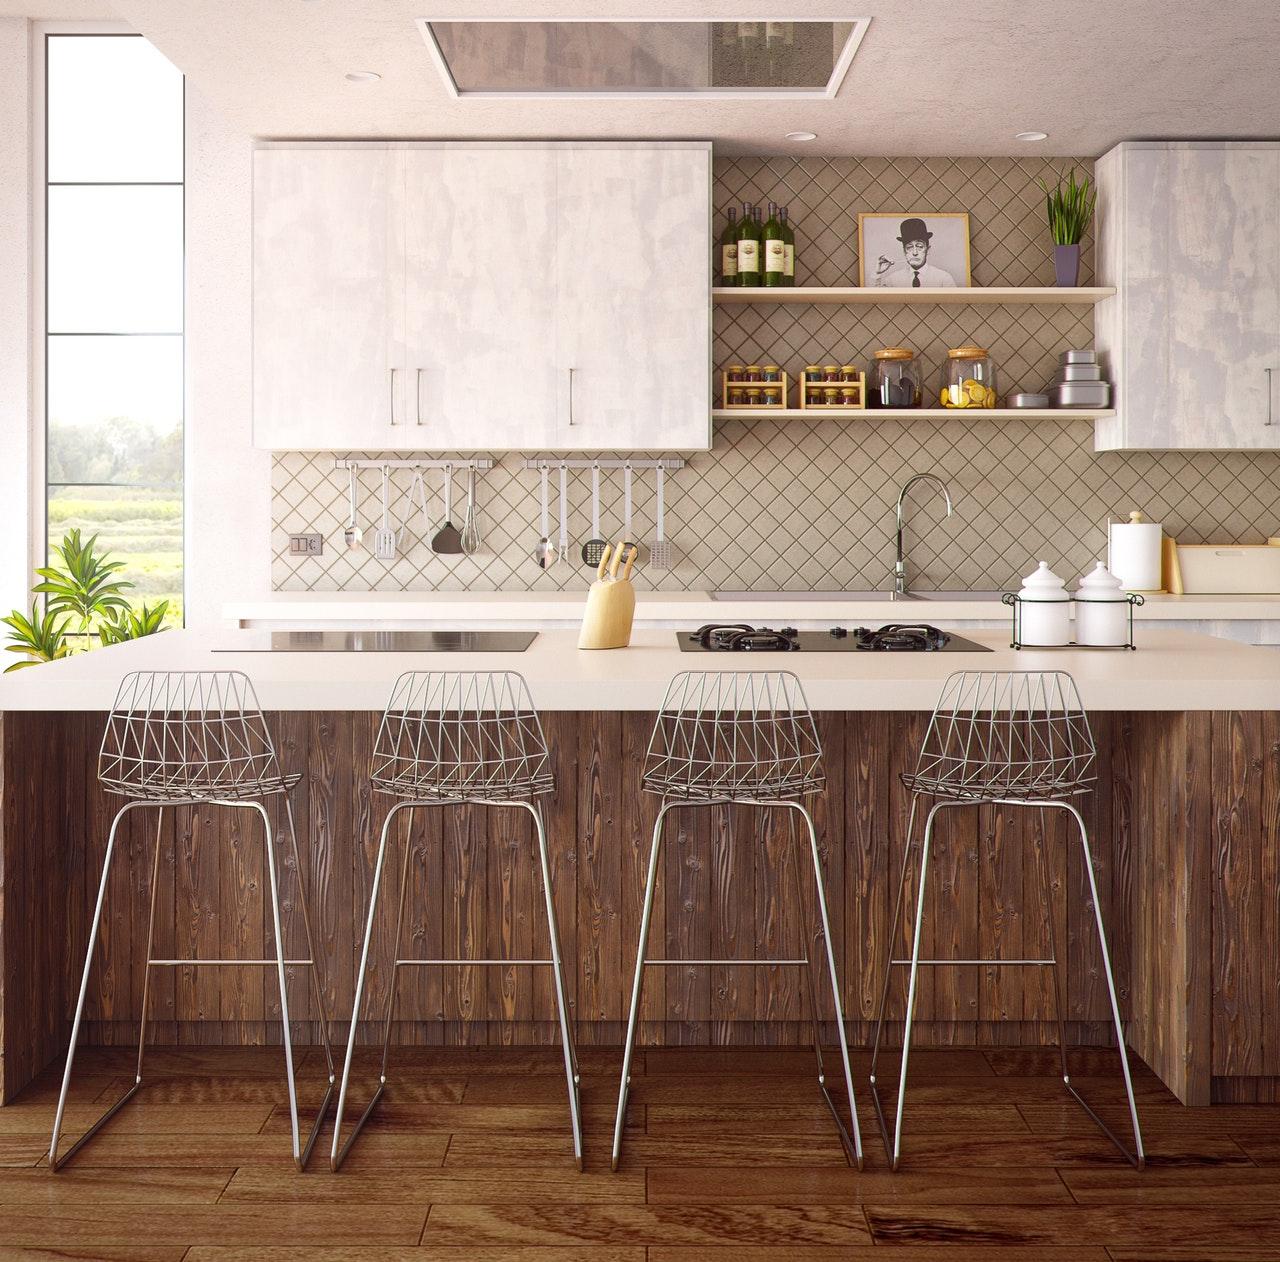 Rekonstrukce od základů po střechu: Jak na kuchyň?